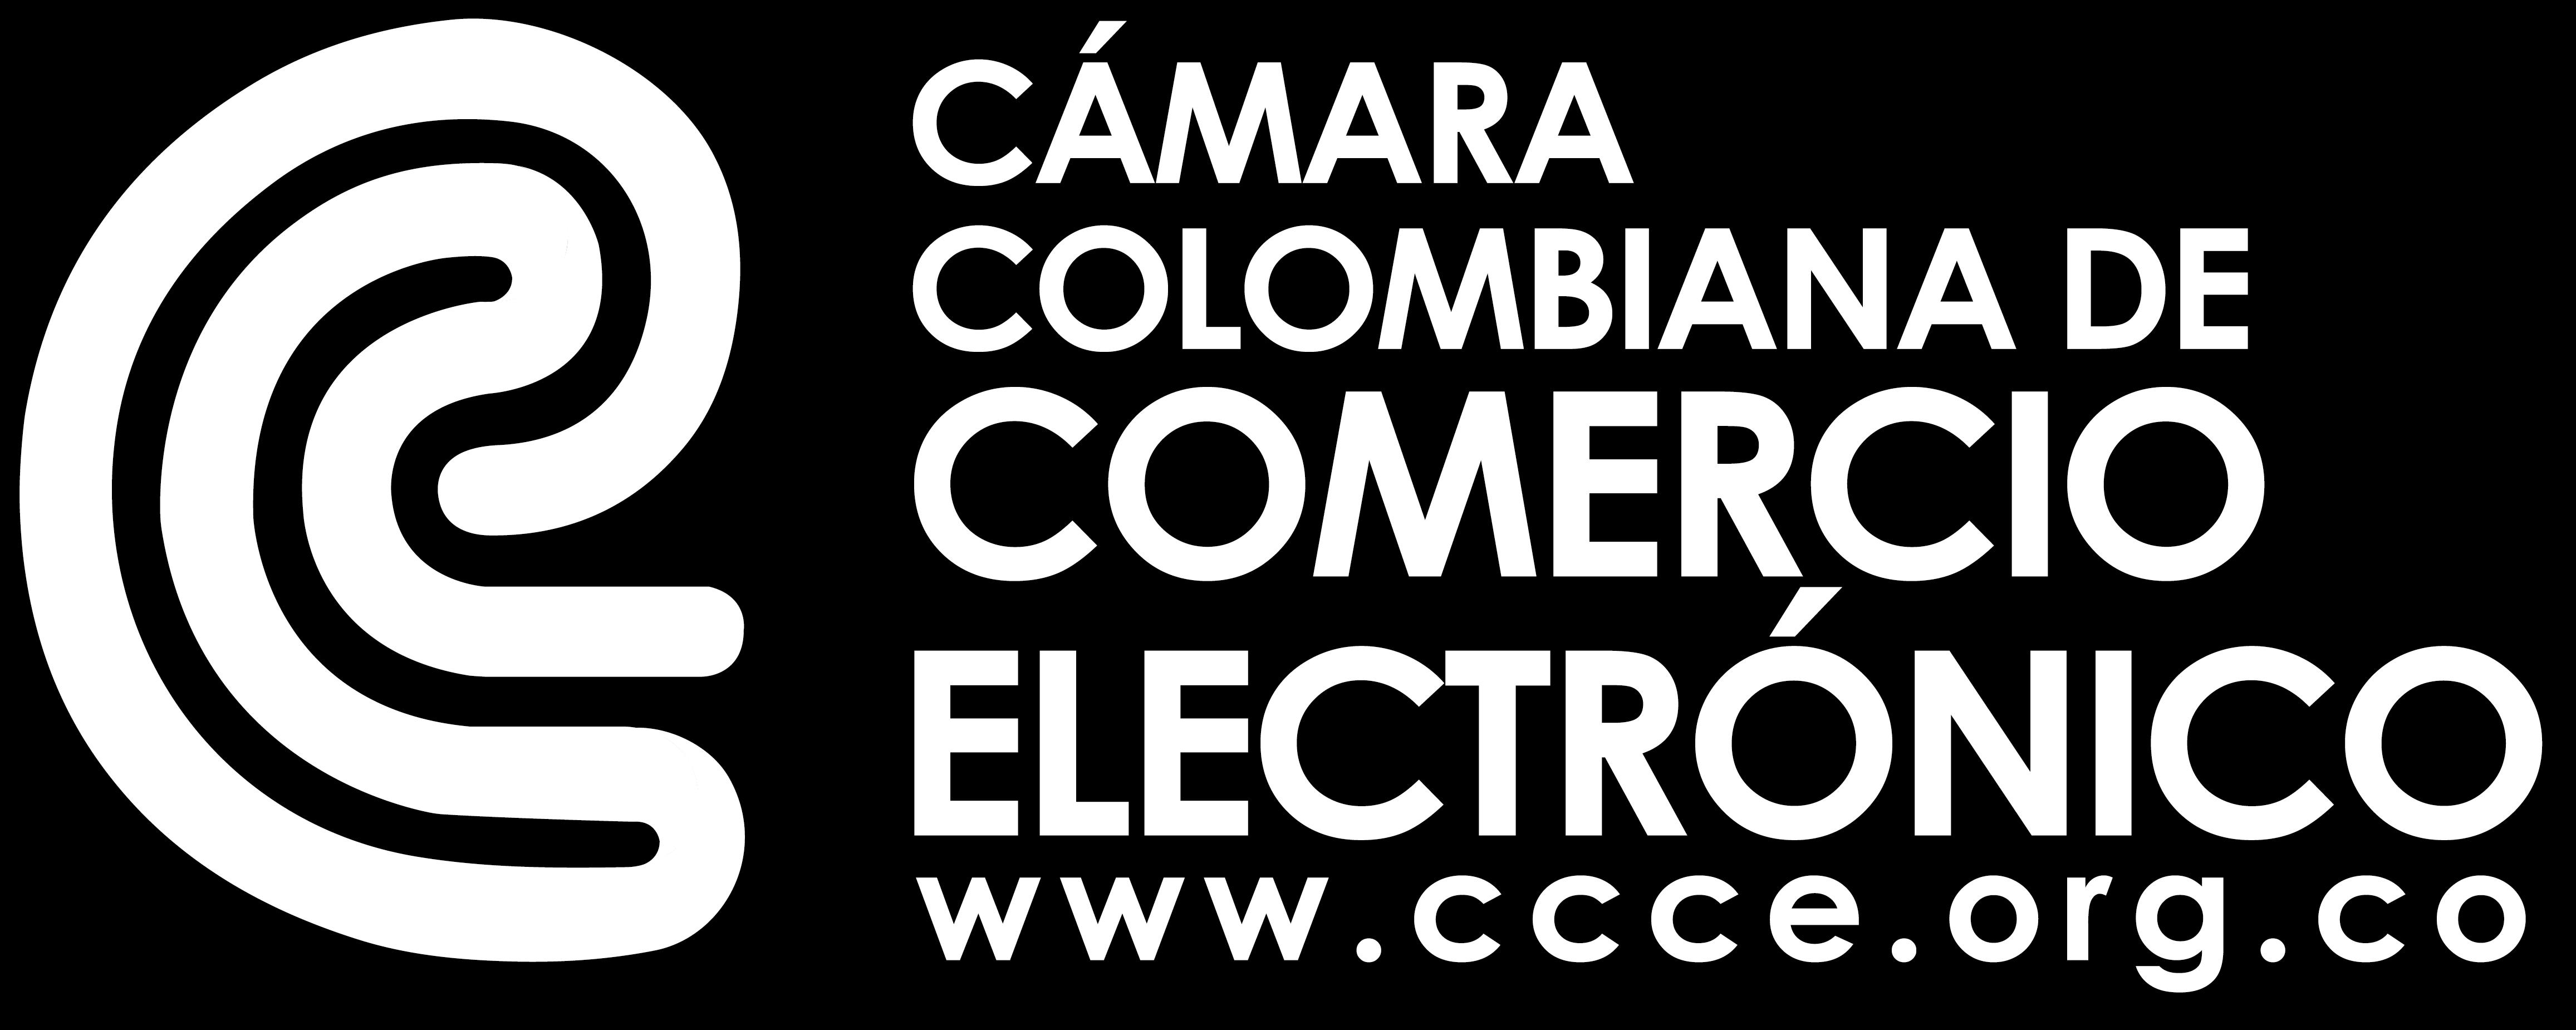 Cámara de Comercio Electrónico de Colombia